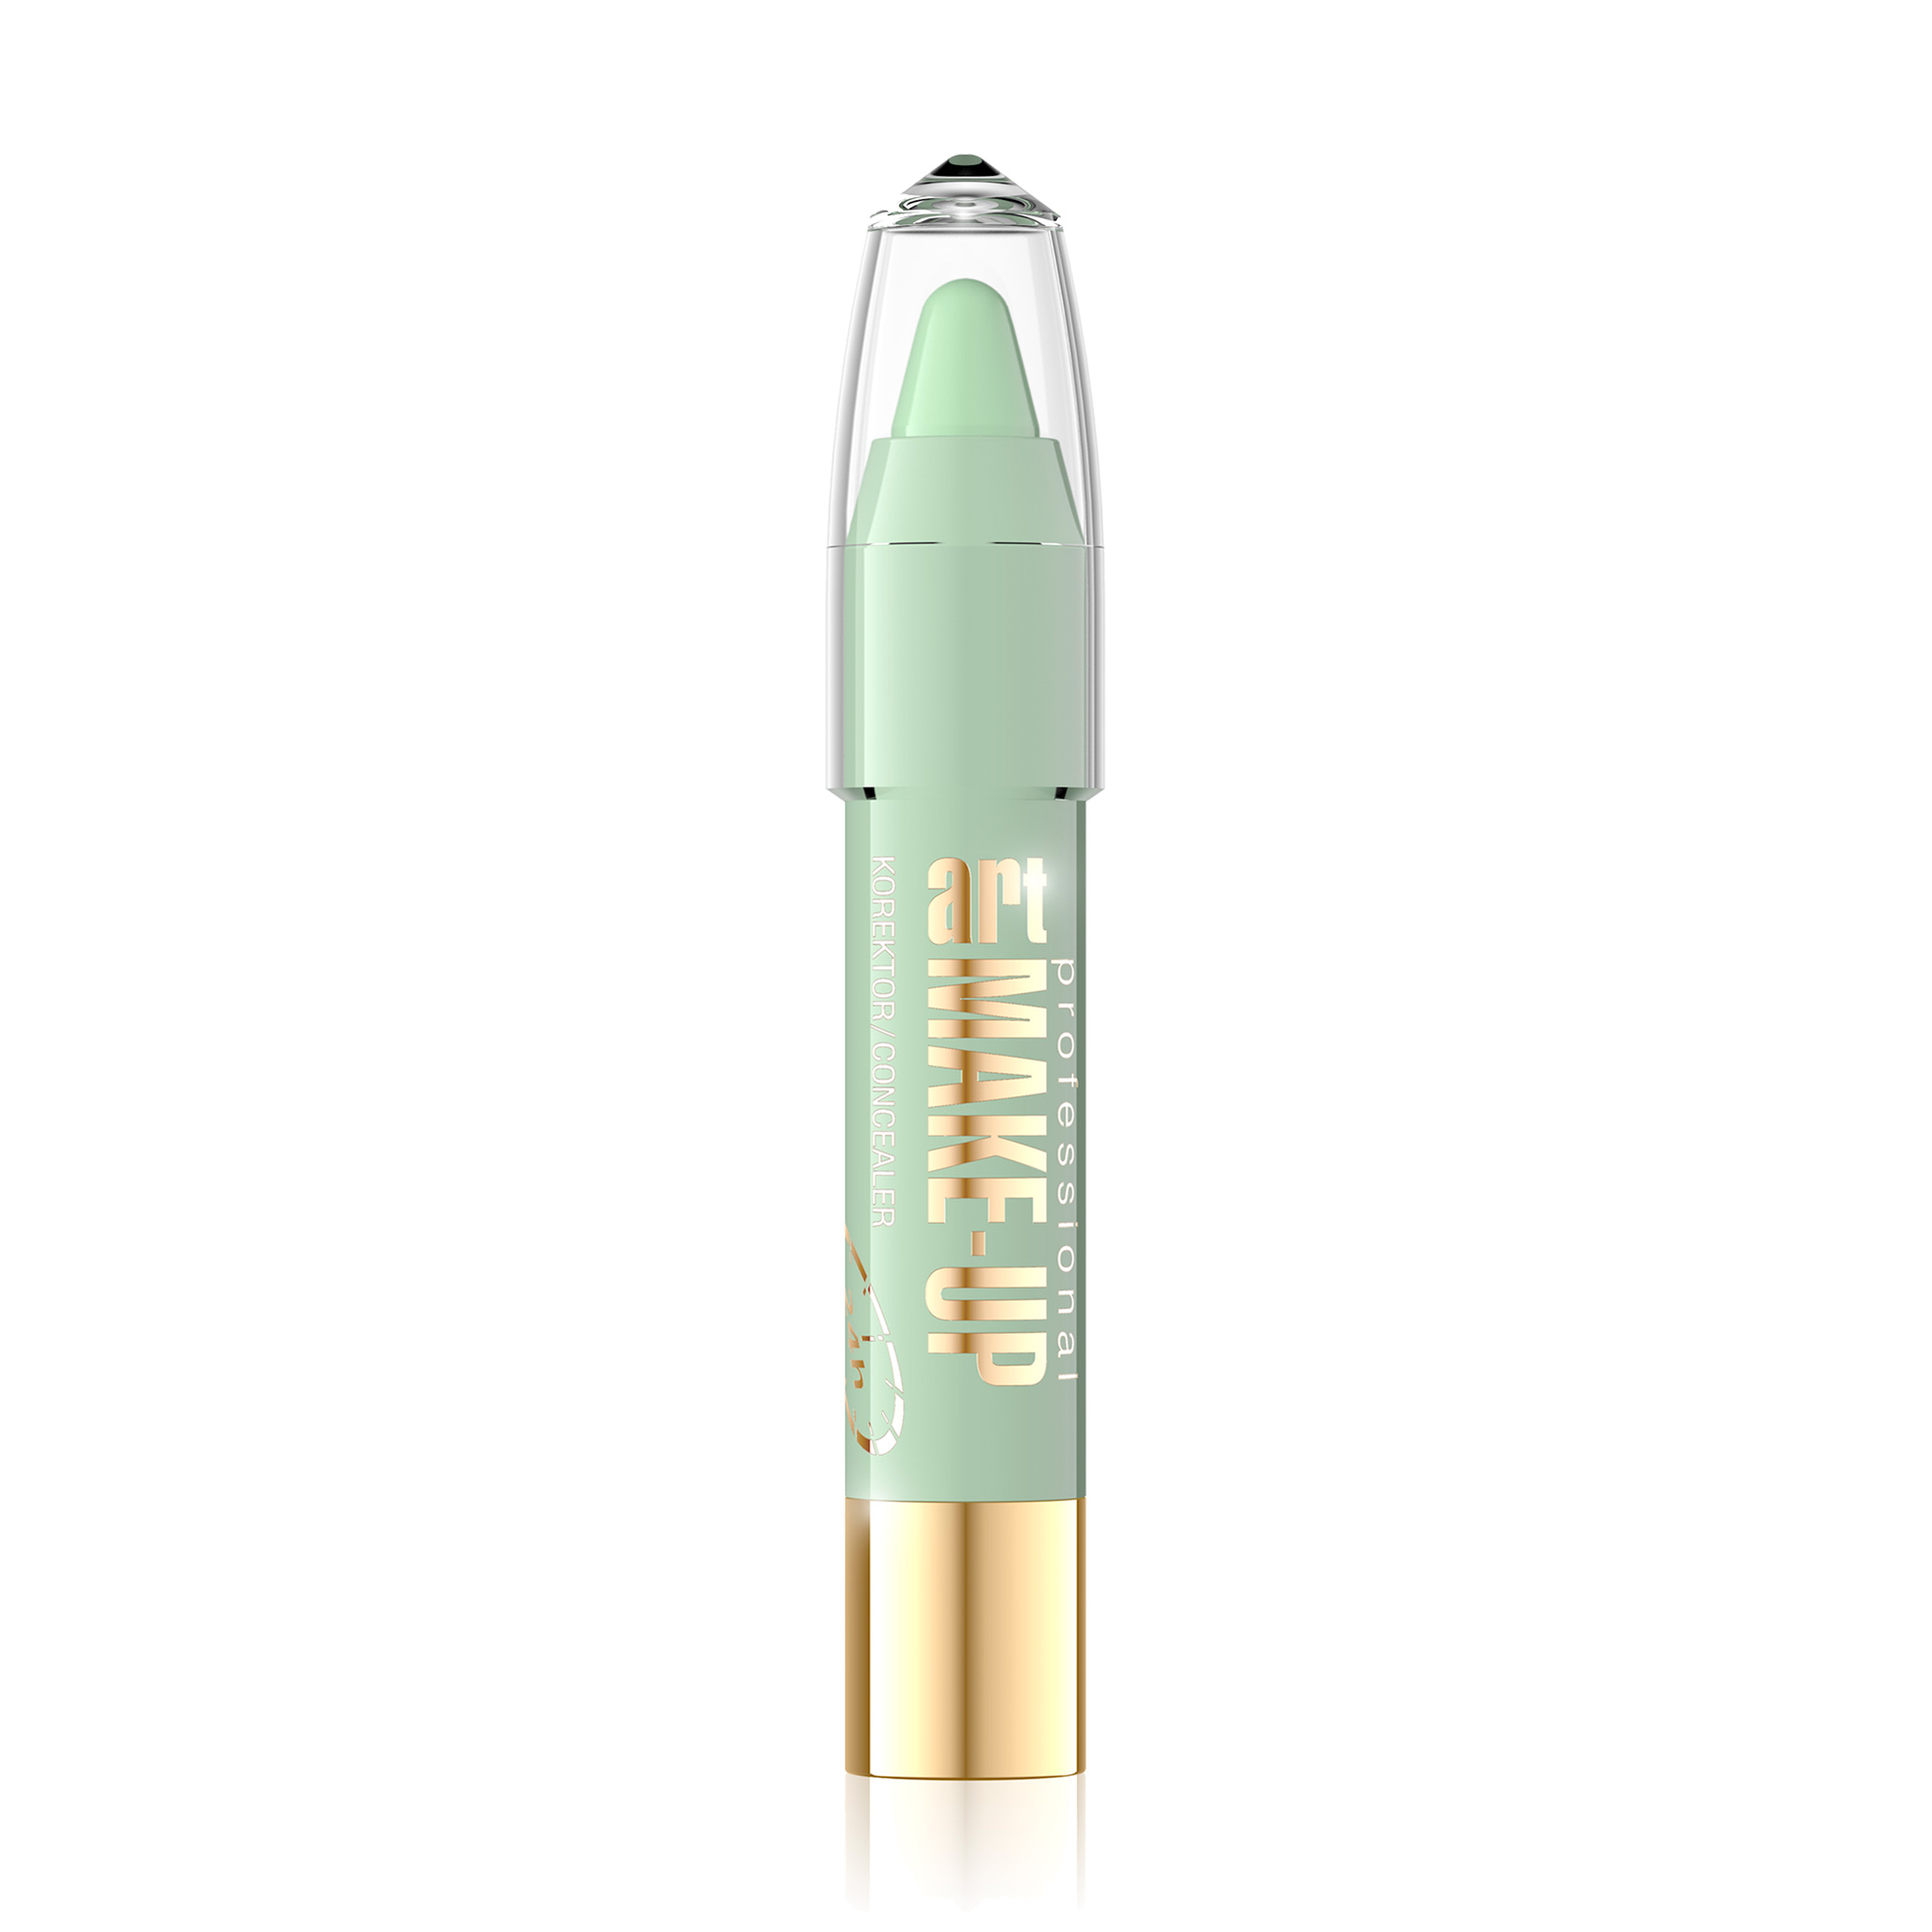 Карандаш корректирующий Eveline Art. MAKE-UP тон 4 GREEN, 9мл Eveline Cosmetics